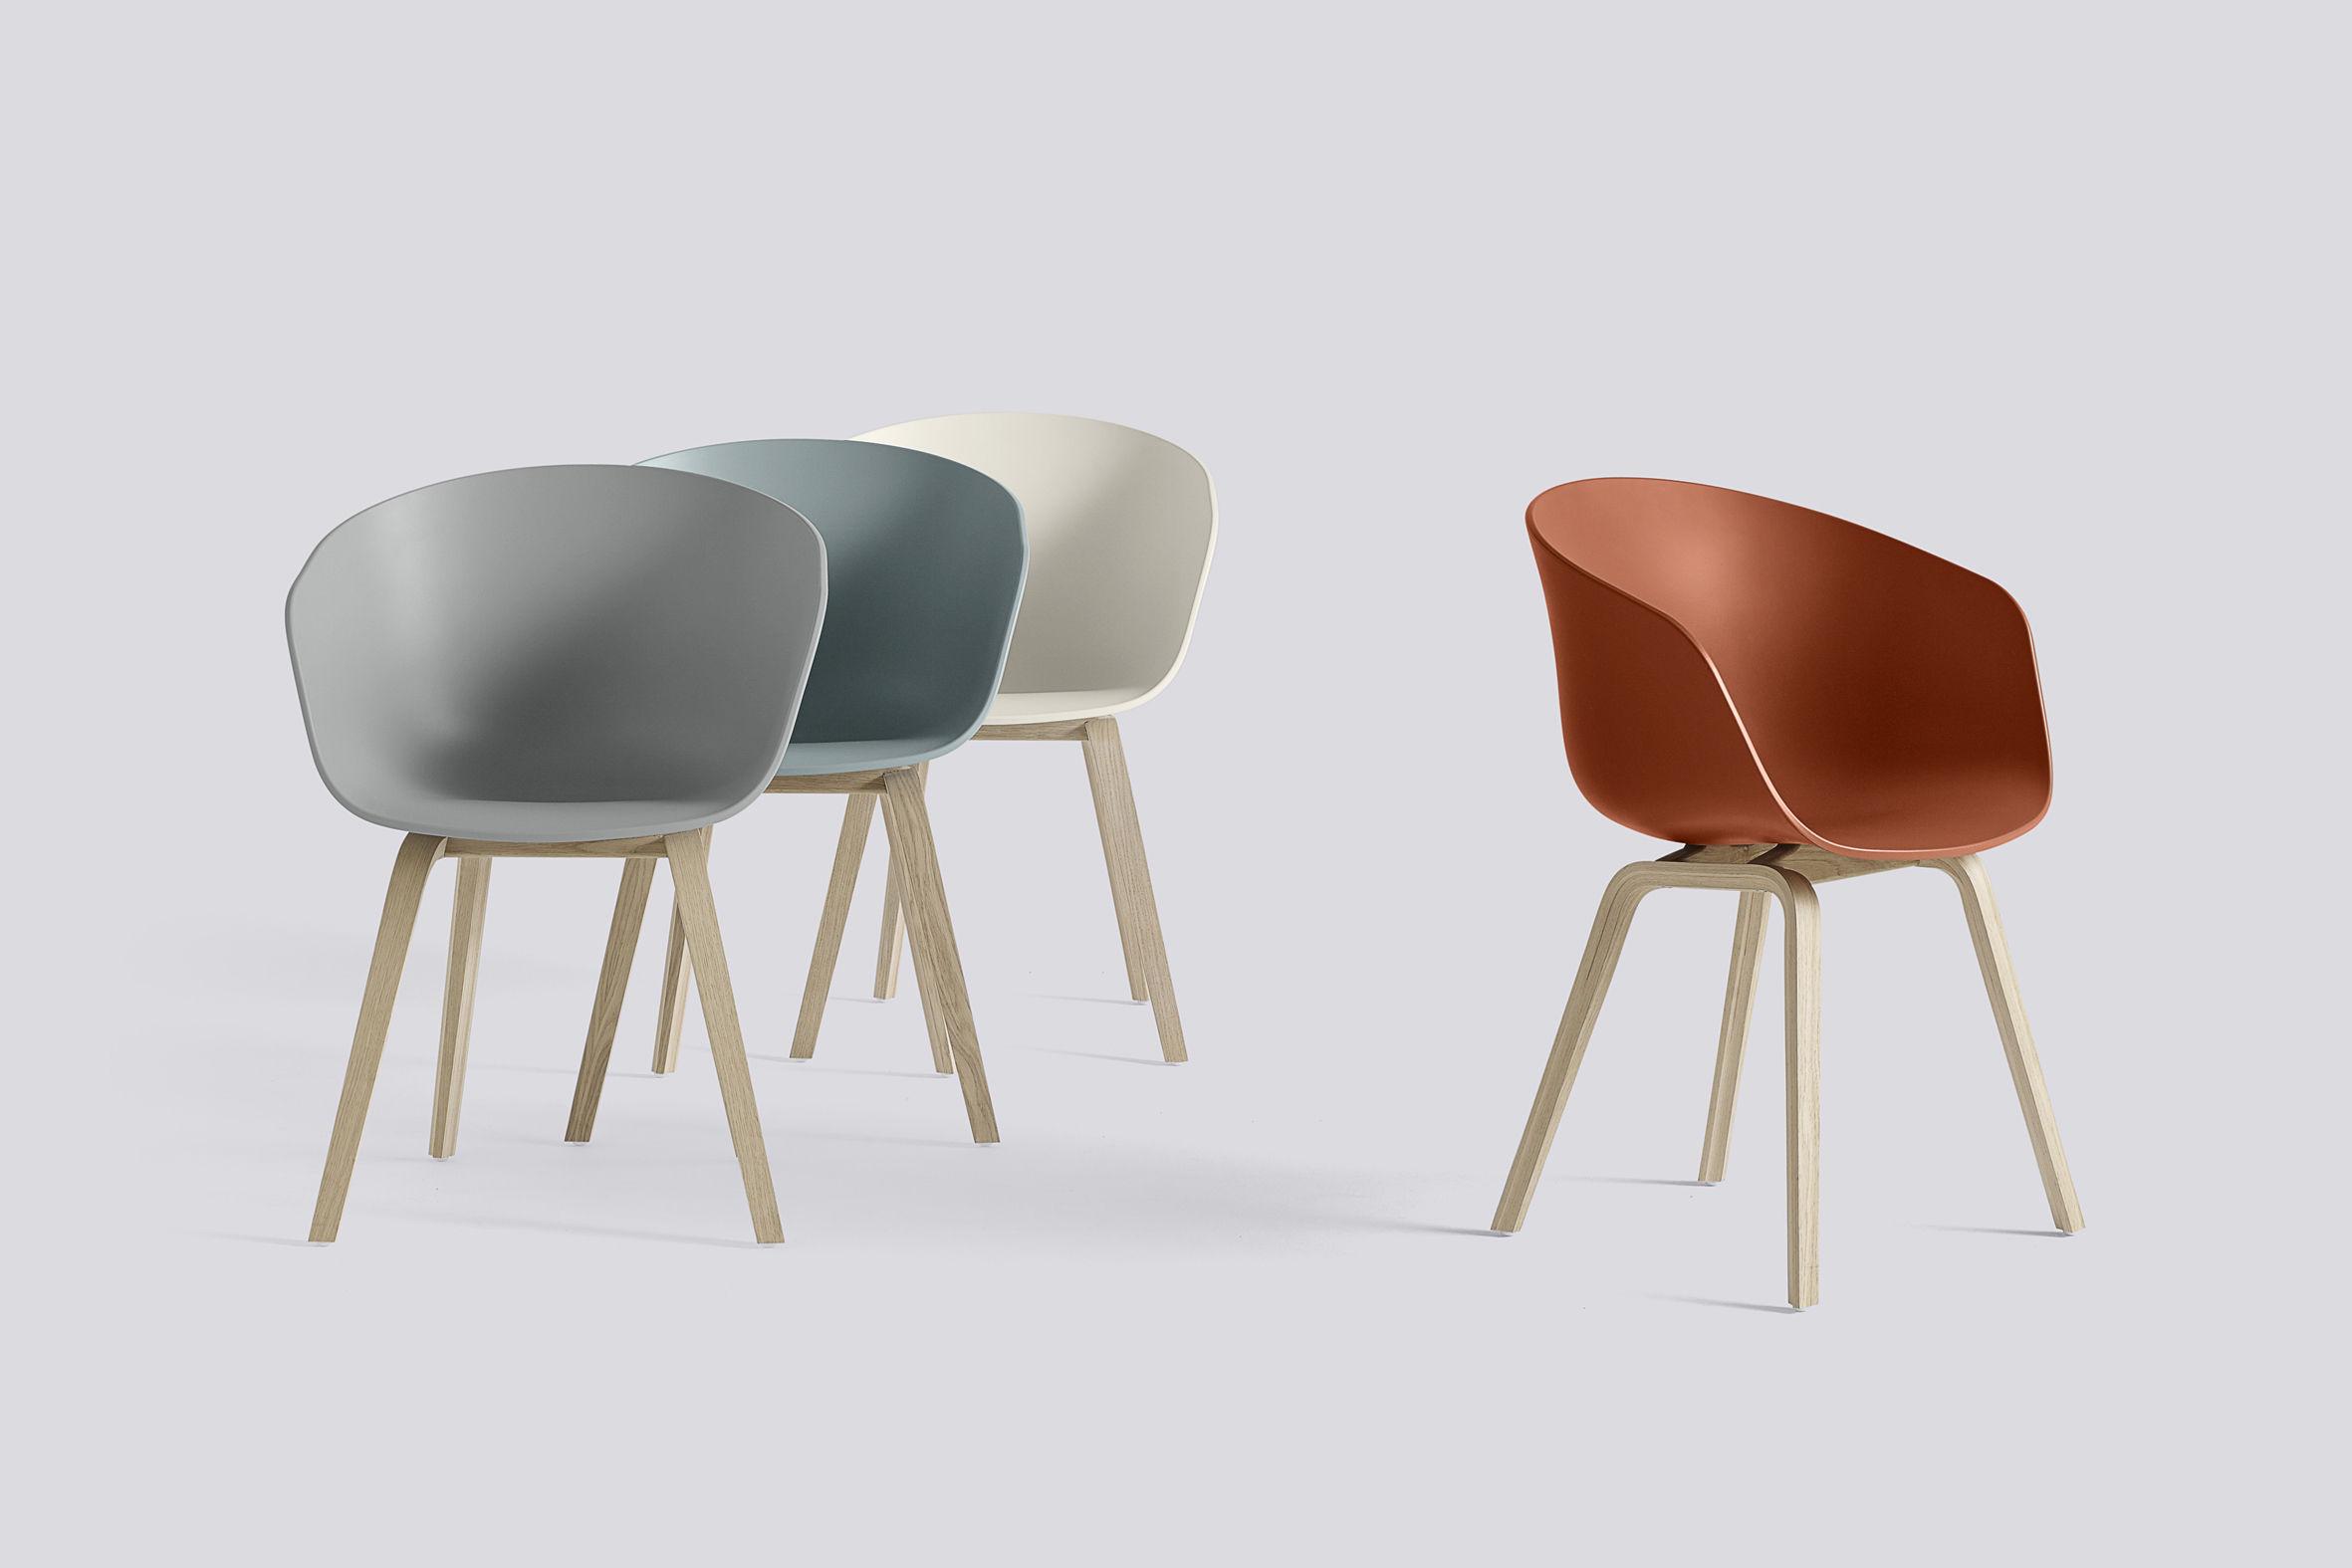 Legno Naturale Chiaro : Poltrona about a chair aac22 hay blu chiaro gambe legno naturale